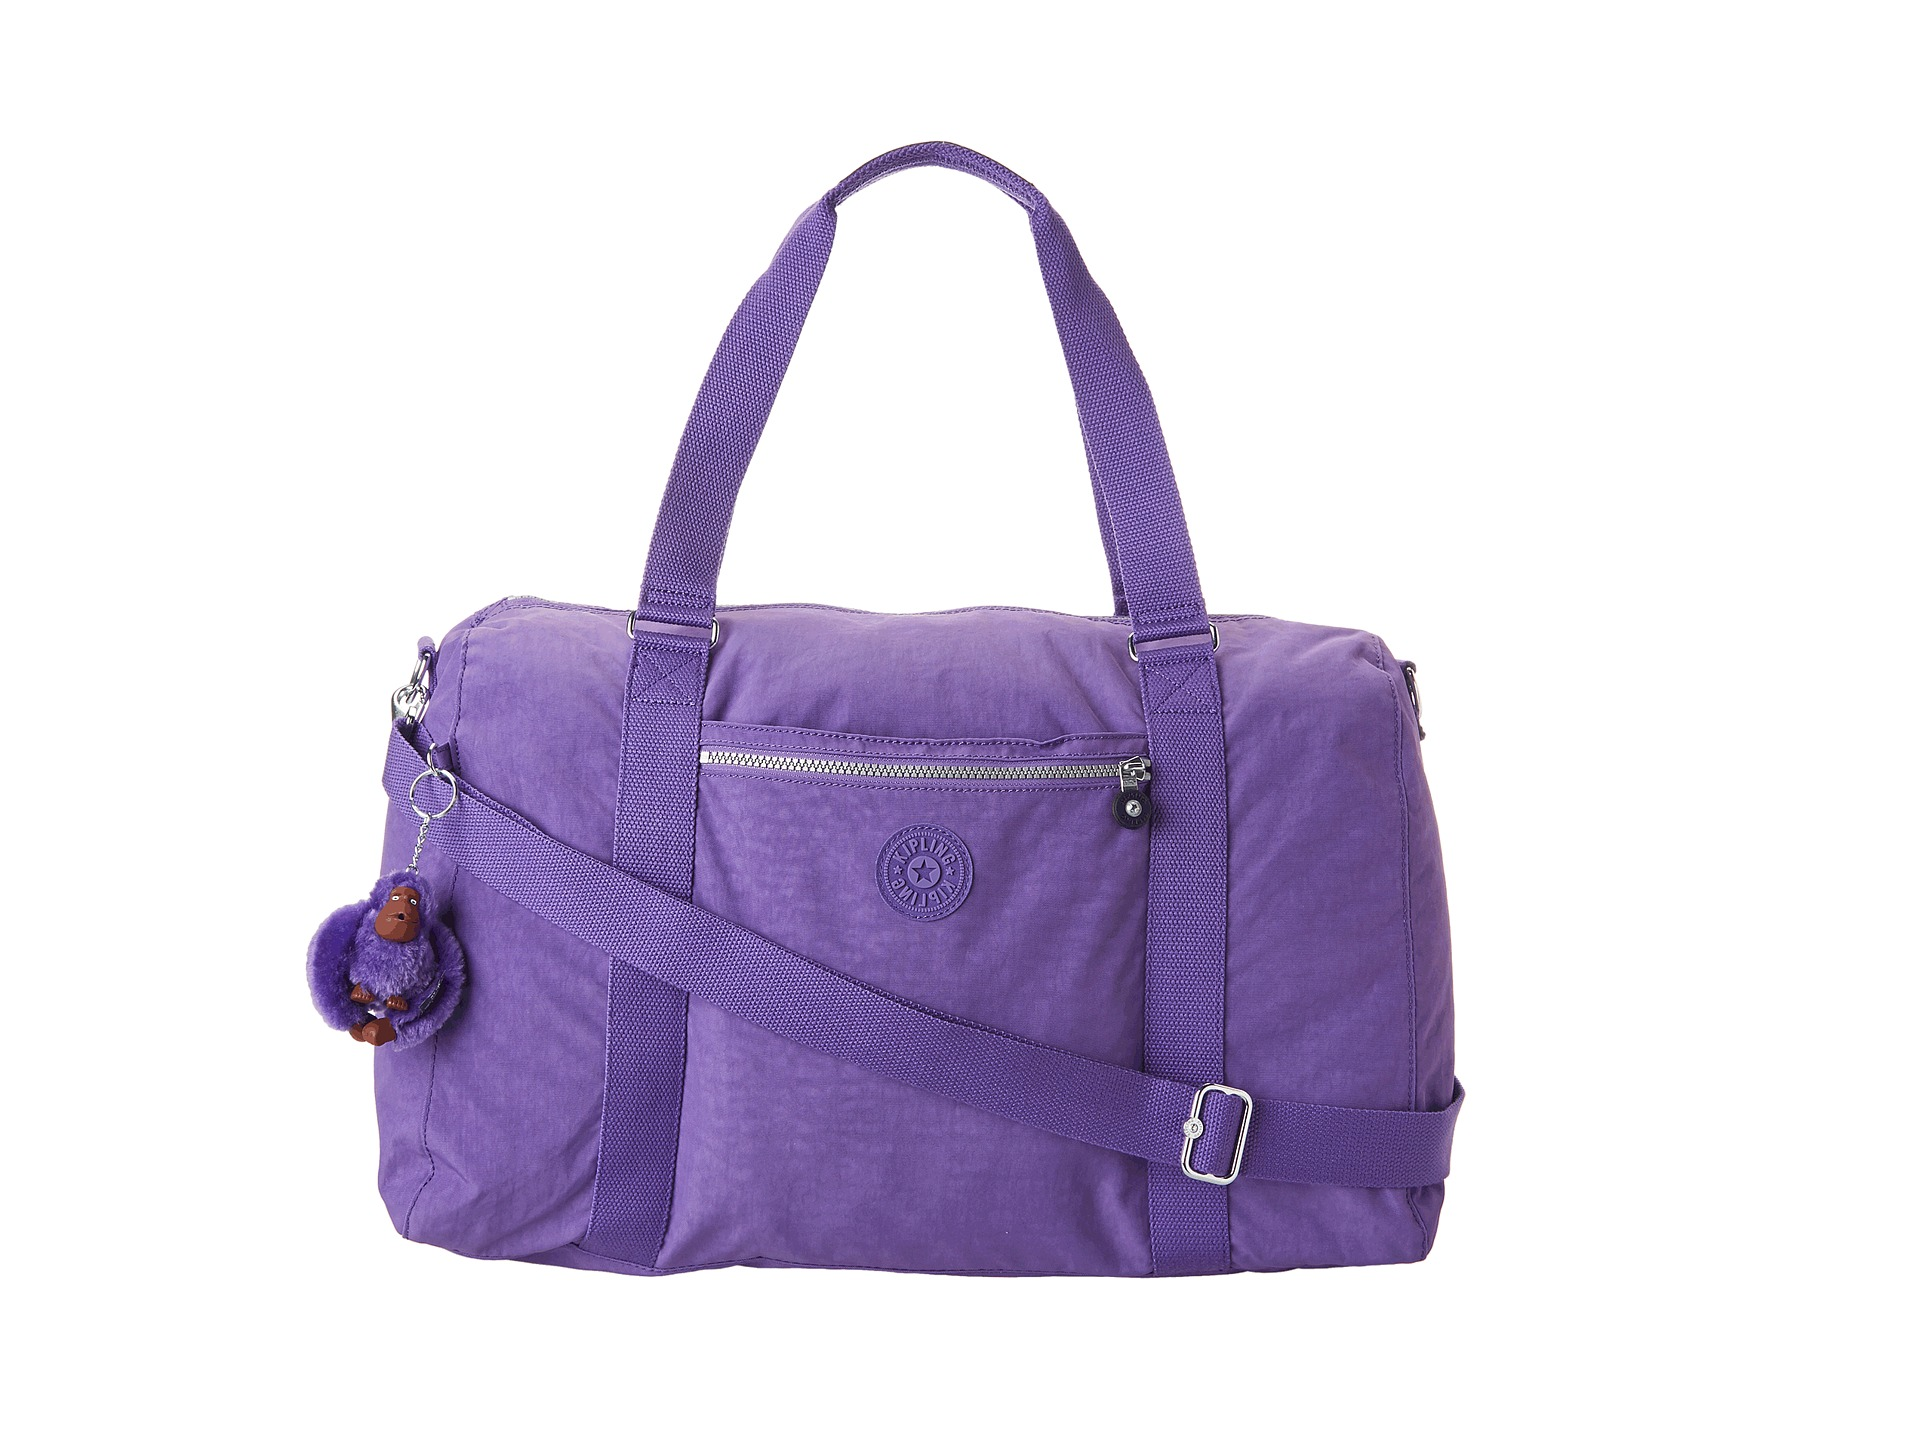 kipling itska soft duffel bag purple shipped free